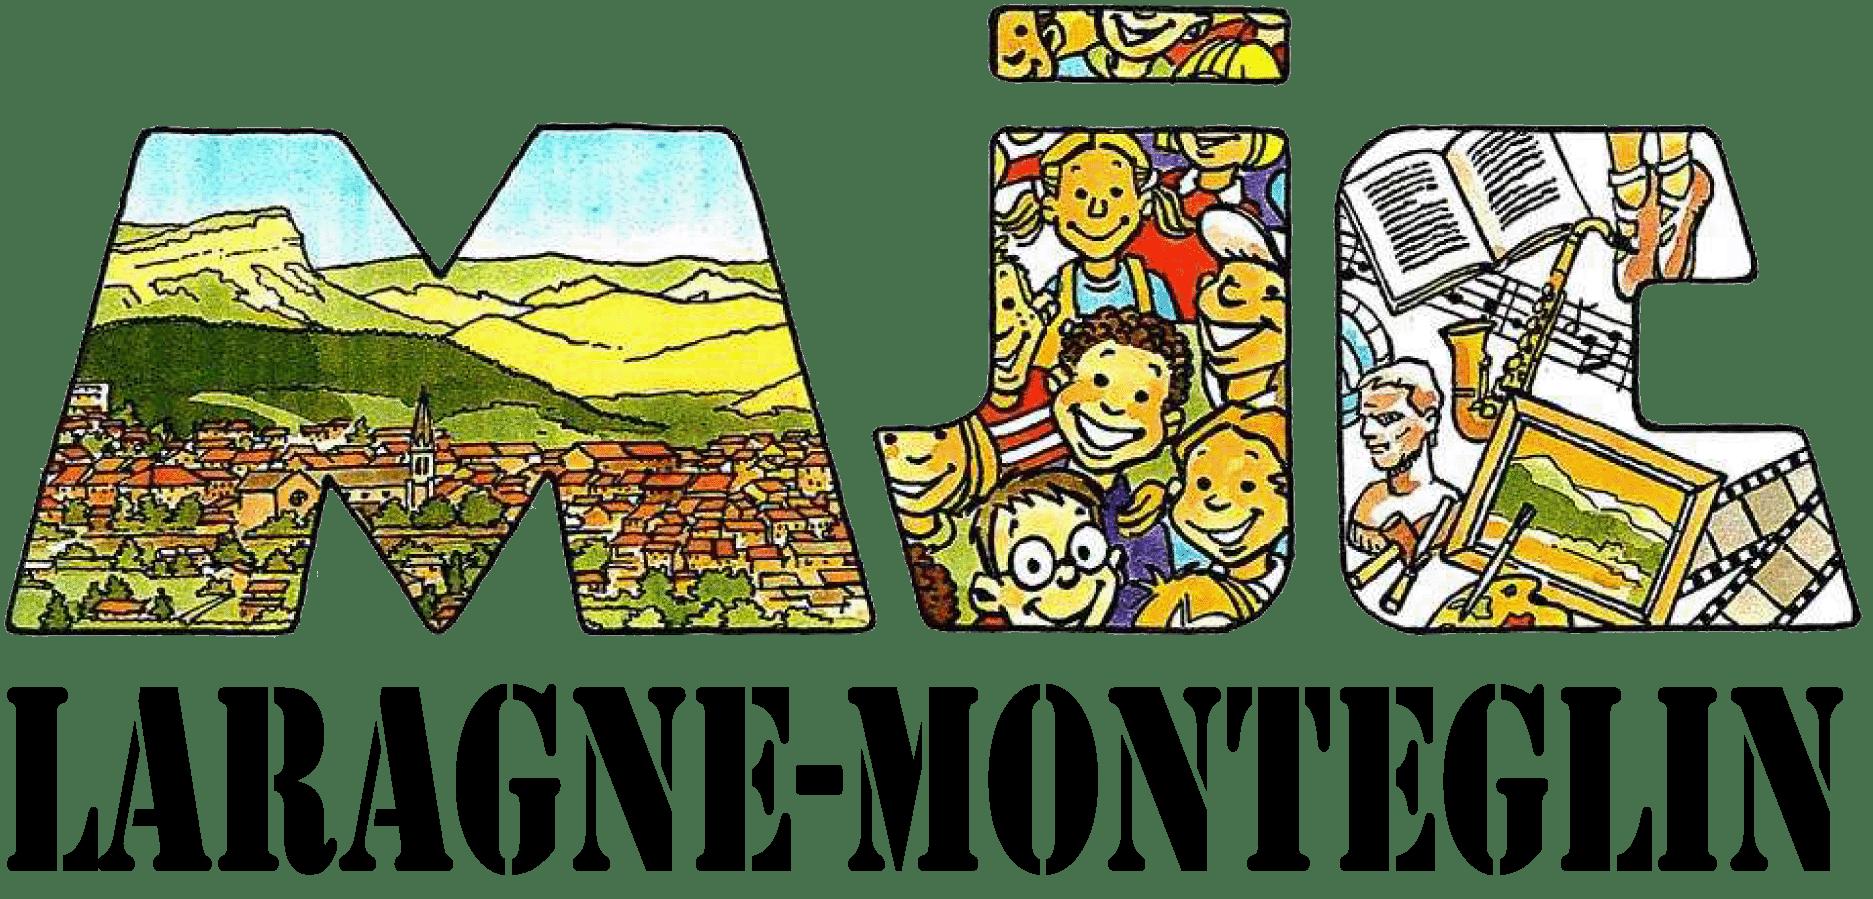 MJC Laragne-Monteglin